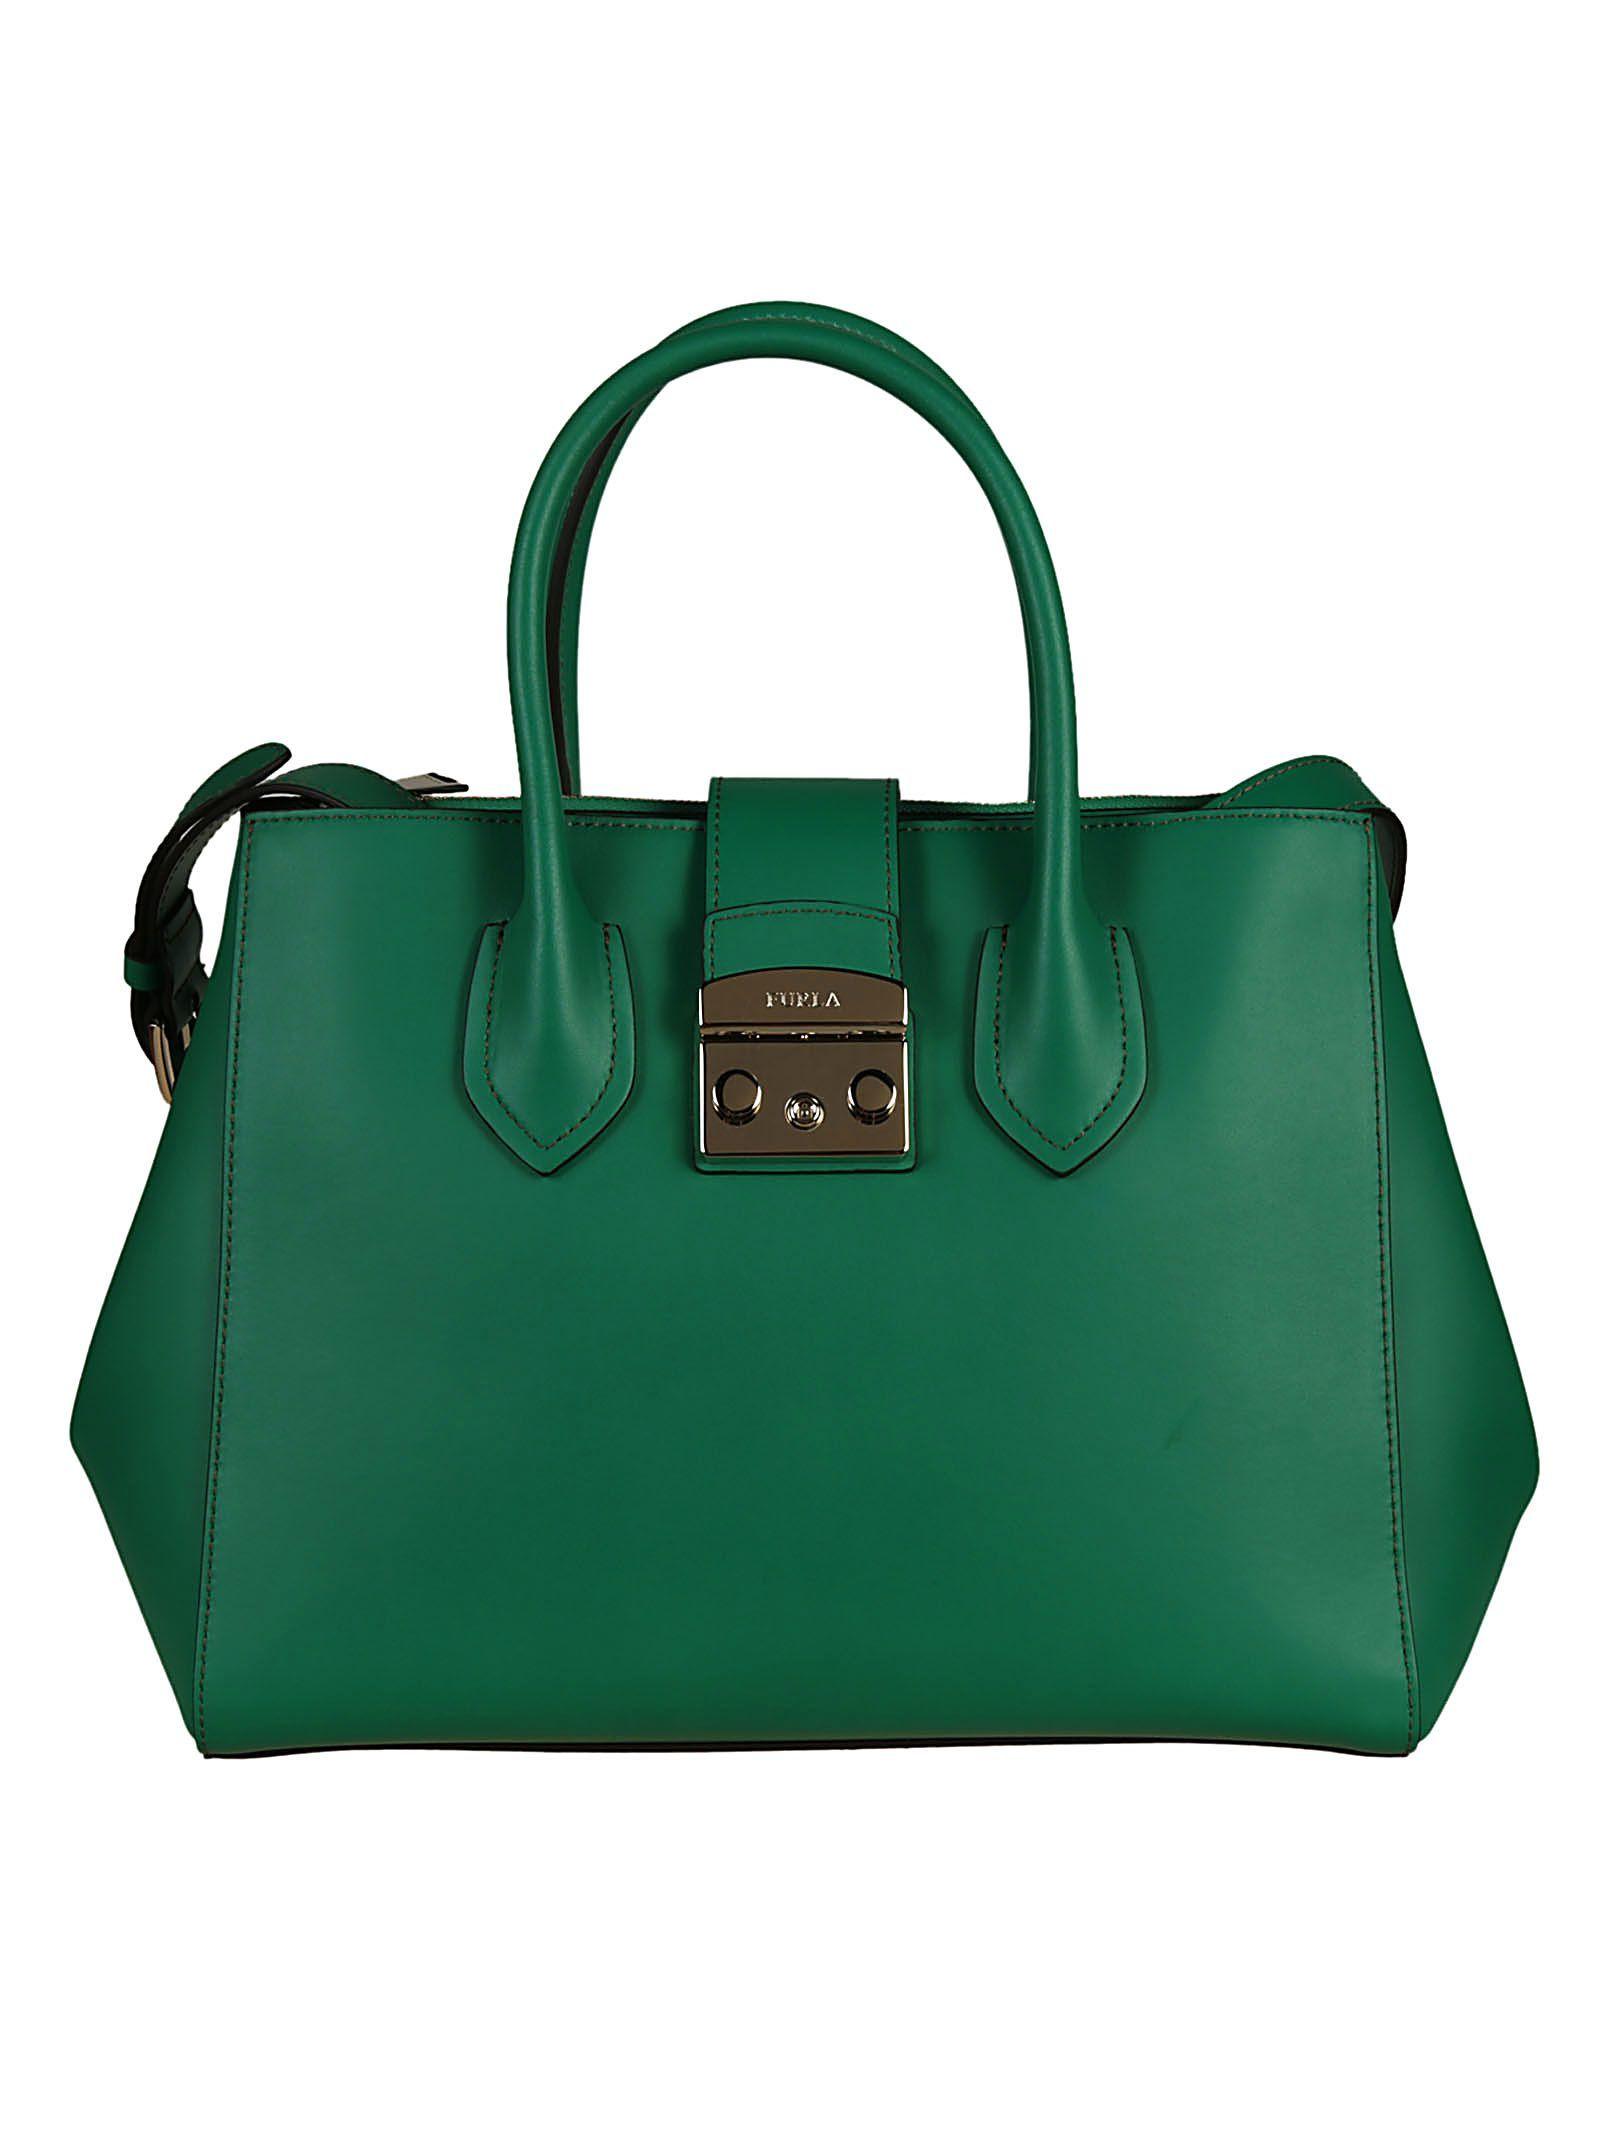 b7041fb324 FURLA METROPOLIS TOTE.  furla  bags  shoulder bags  hand bags ...